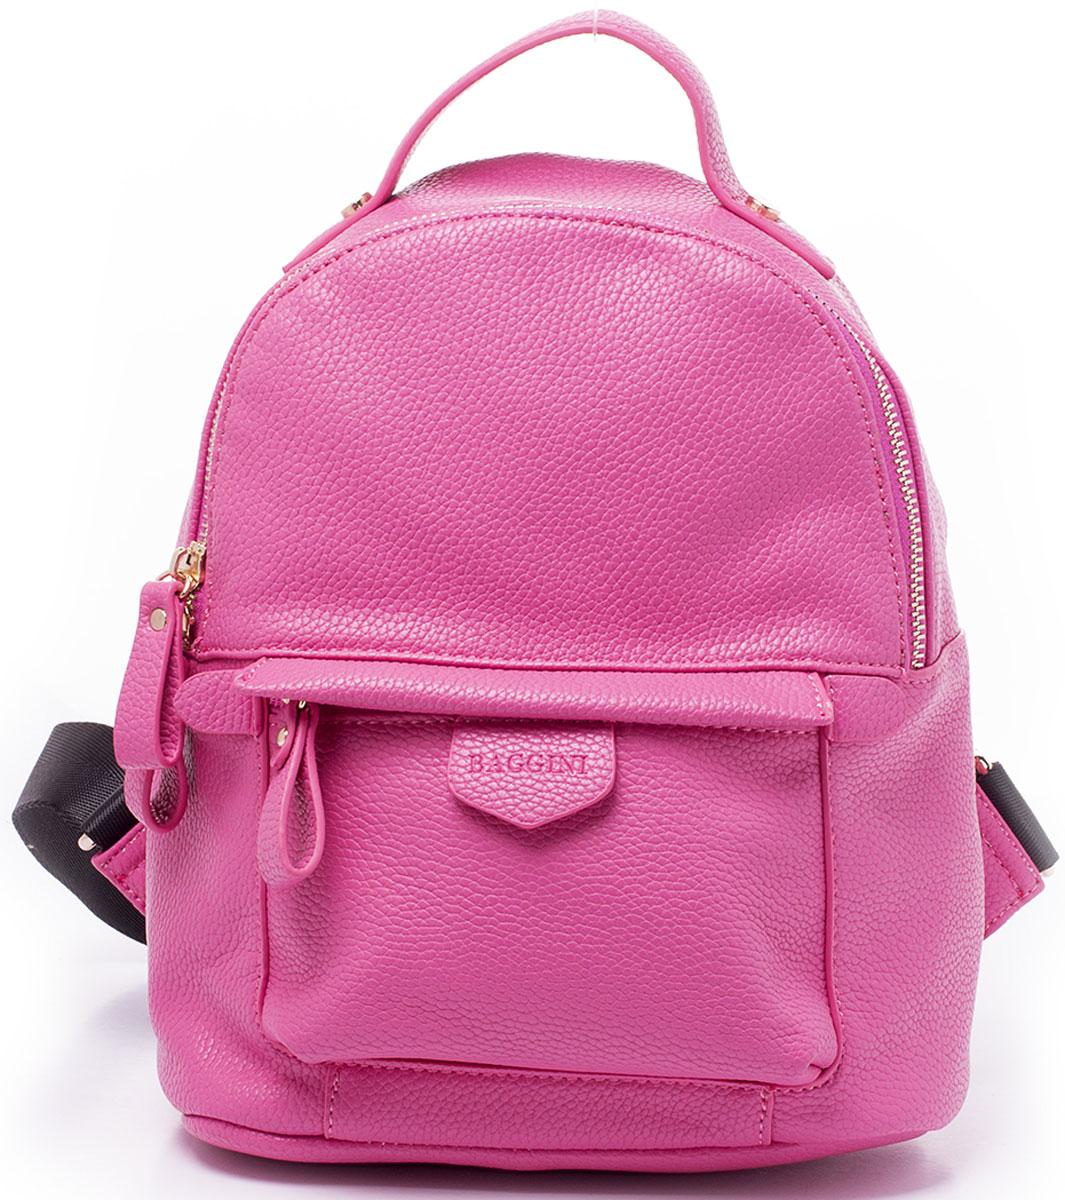 Рюкзак женский Baggini, цвет: розовый. 29882/6429882/64Компактный рюкзак Baggini подойдет как для создания романтичного и непринужденного образа, так и для функциональных потребностей к изделию. Рюкзак, несмотря на свои габариты, оснащен множеством карманов: один на застежке-молнии снаружи спереди, еще один, так же на молнии, сзади, четыре кармана внутри отделения - накладной для телефона, карман-разделитель на молнии, формирующий позади себя еще один карман и прорезной карман на застежке-молнии. Рюкзак оснащен широкими регулируемыми наплечными лямками и ручкой сверху для удобной переноски. Главное отделение застегивается на молнию.